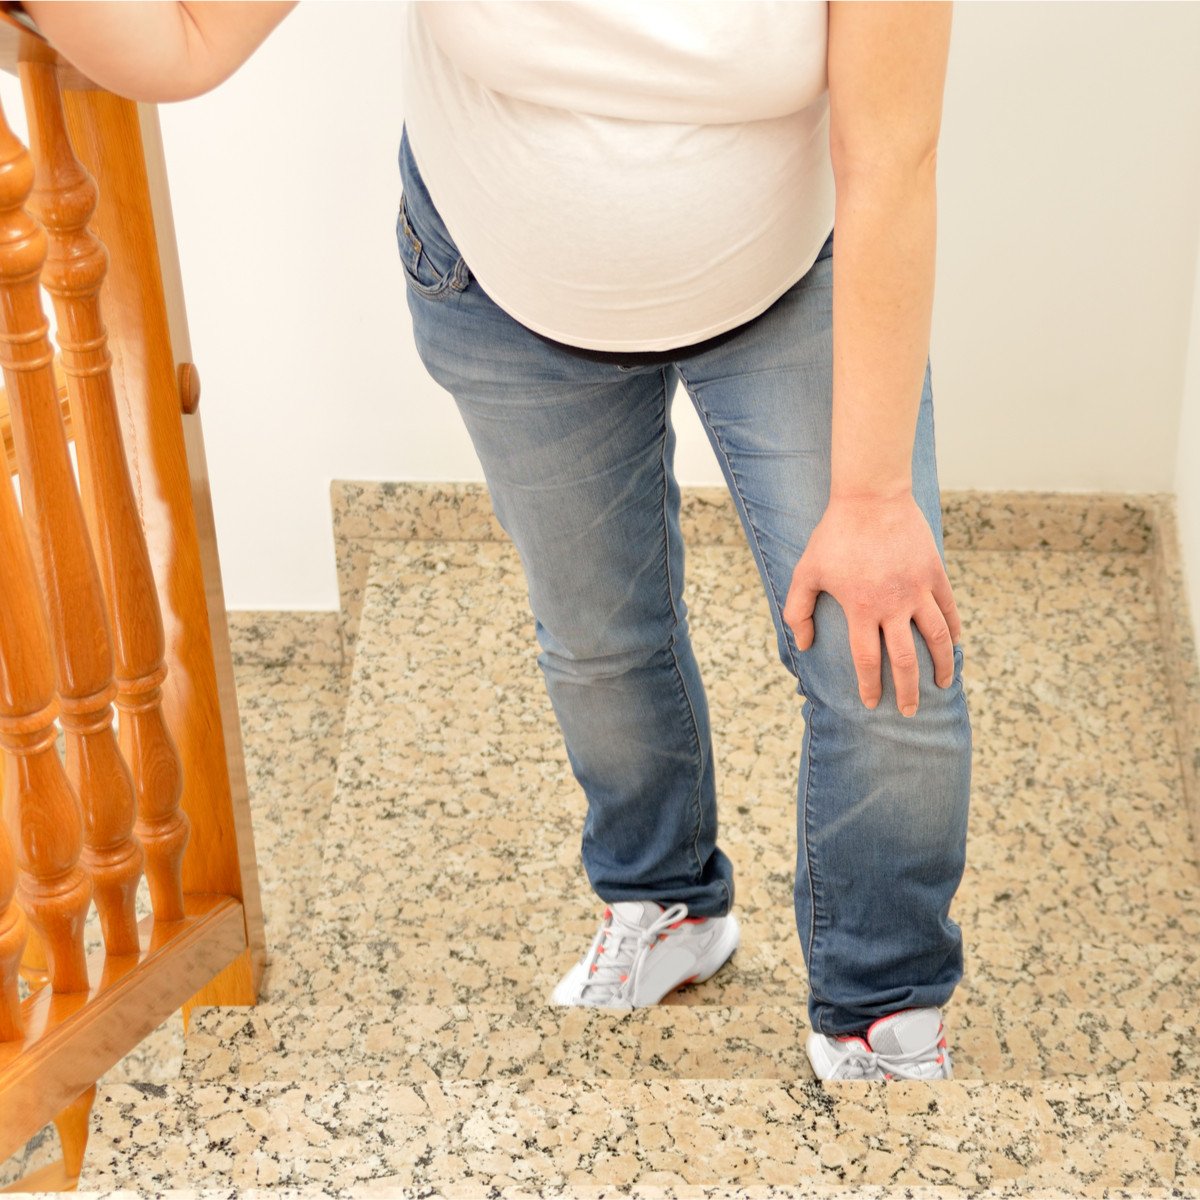 تمارين لتسهيل الولادة الطبيعية للبكر - تمرين صعود السلالم